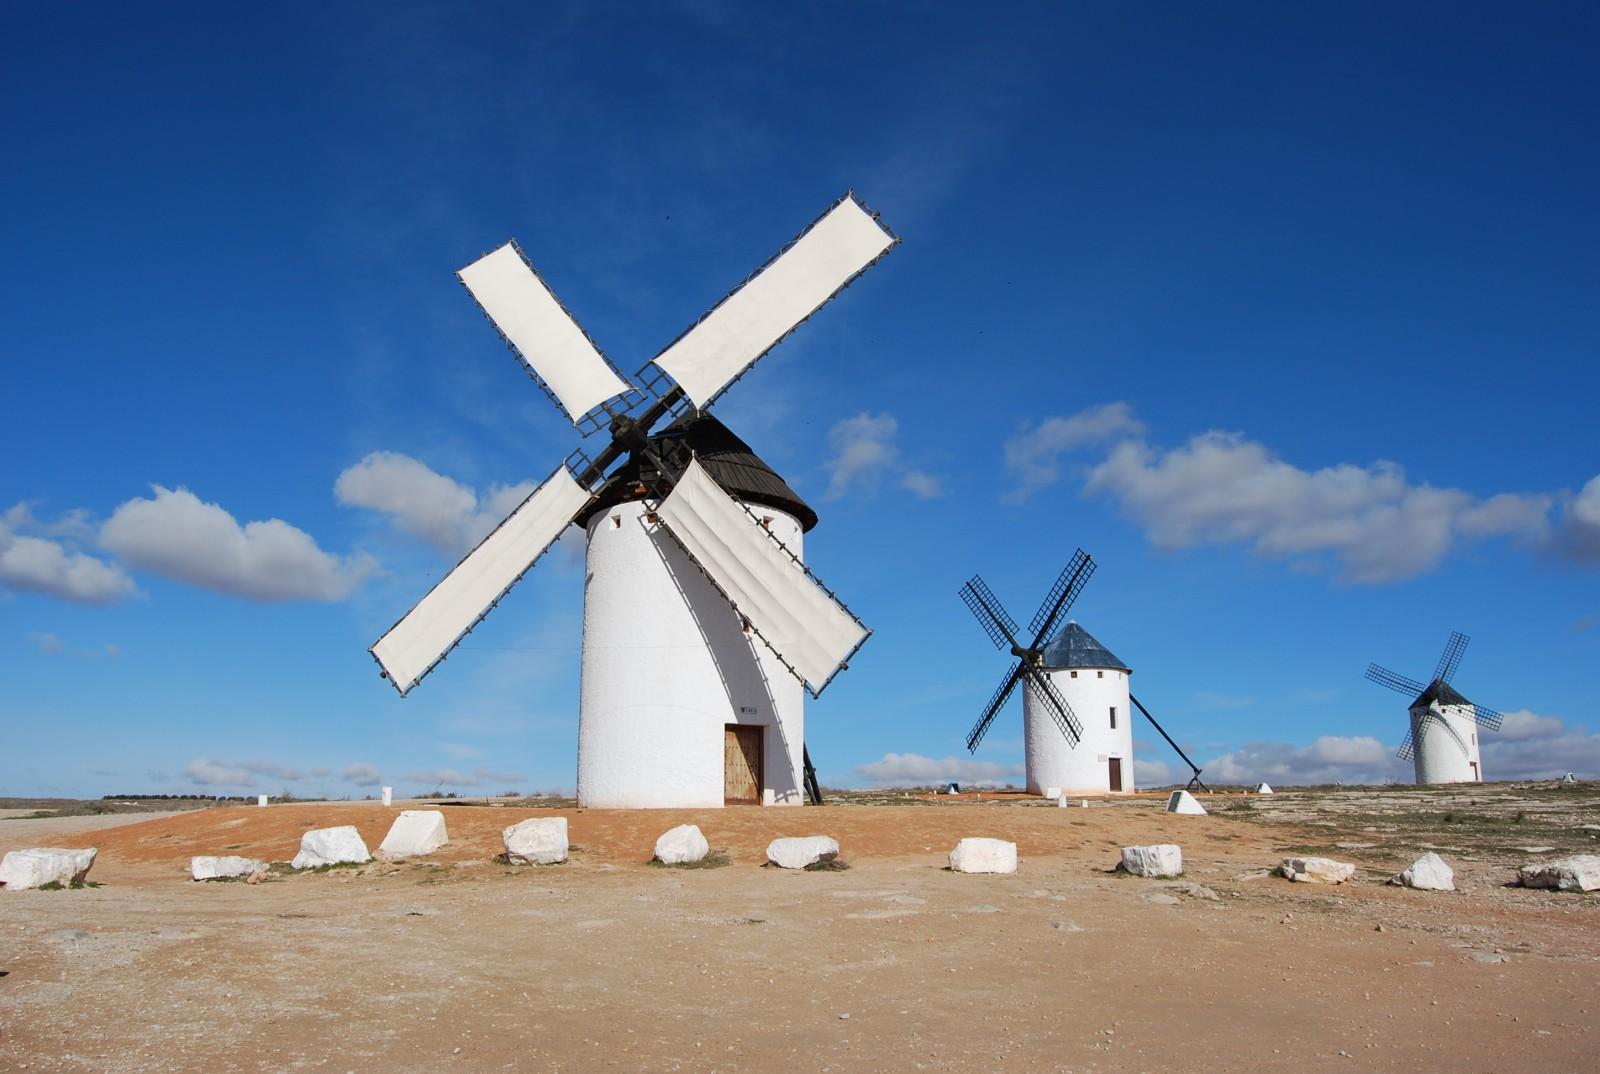 Molinos de viento de Campo de Criptana - Viajar a Castilla la Mancha con niños